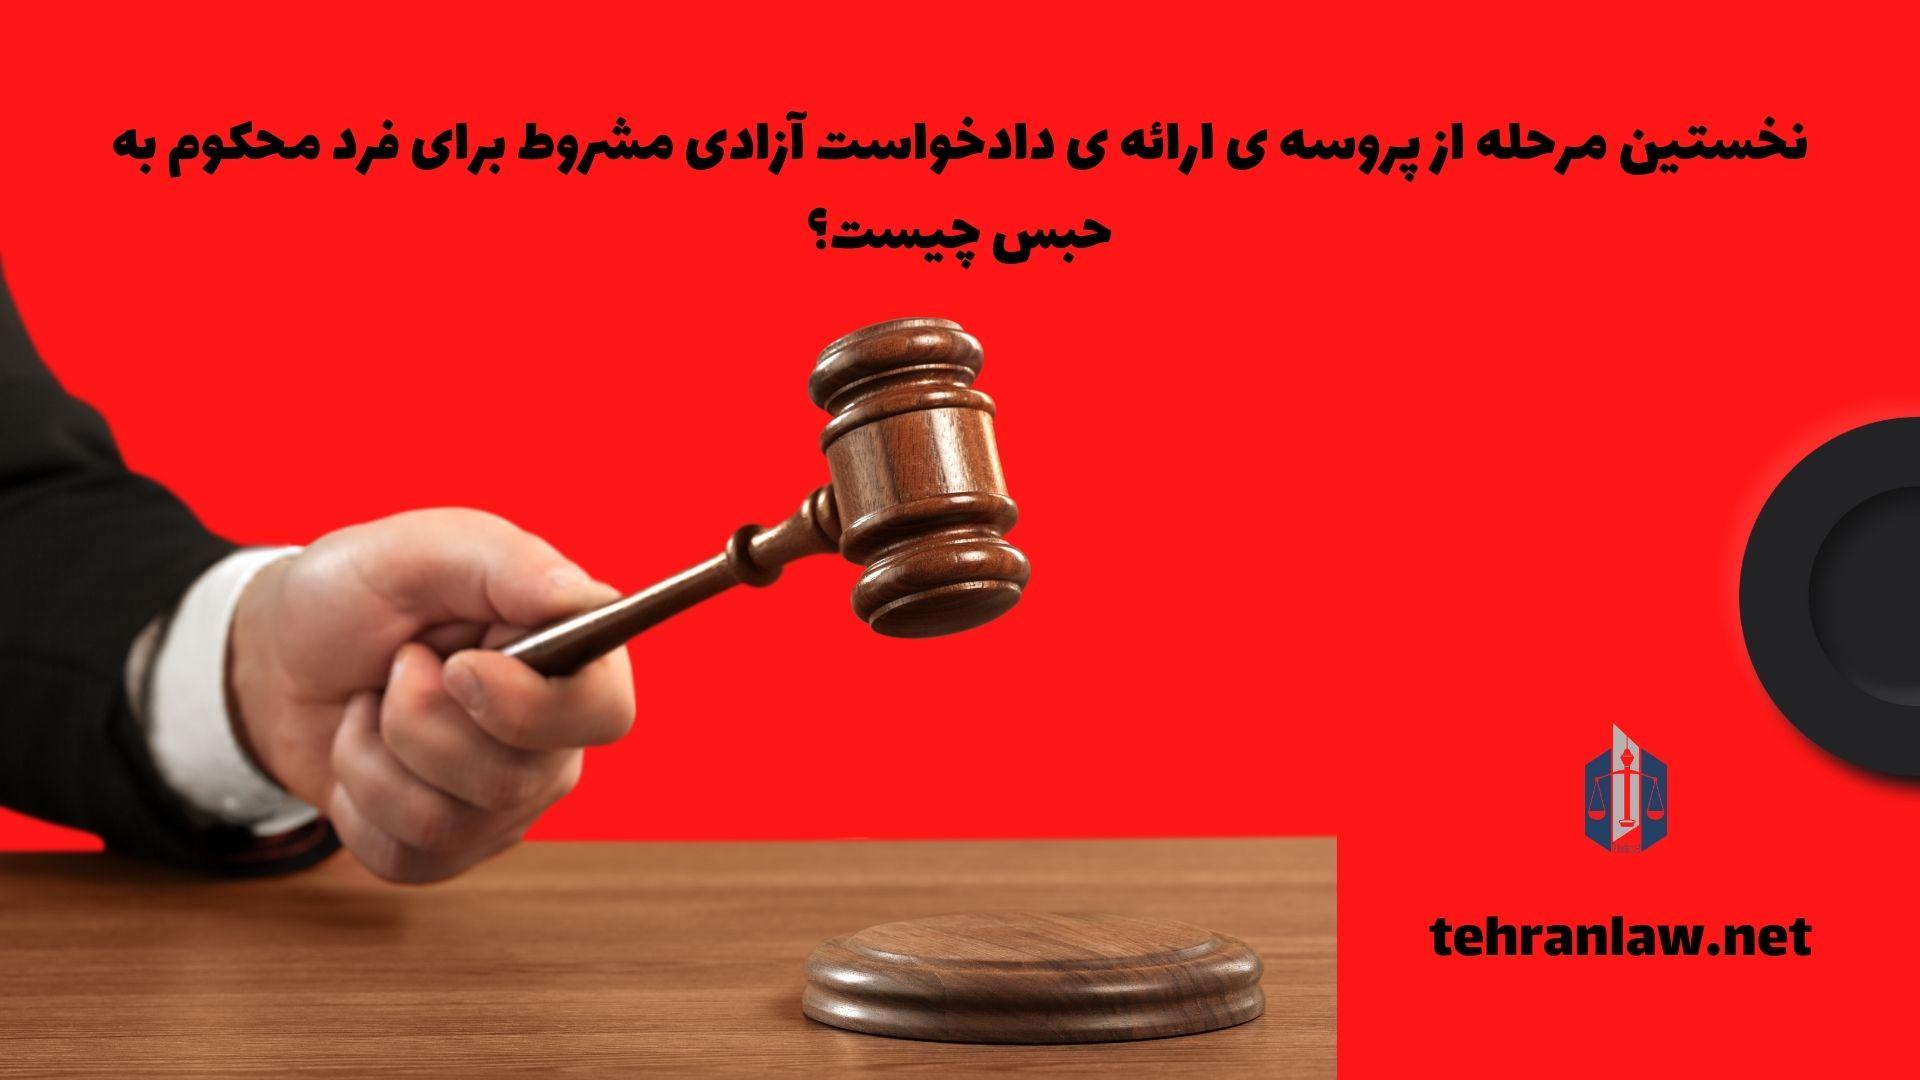 نخستین مرحله از پروسه ی ارائه ی دادخواست آزادی مشروط برای فرد محکوم به حبس چیست؟